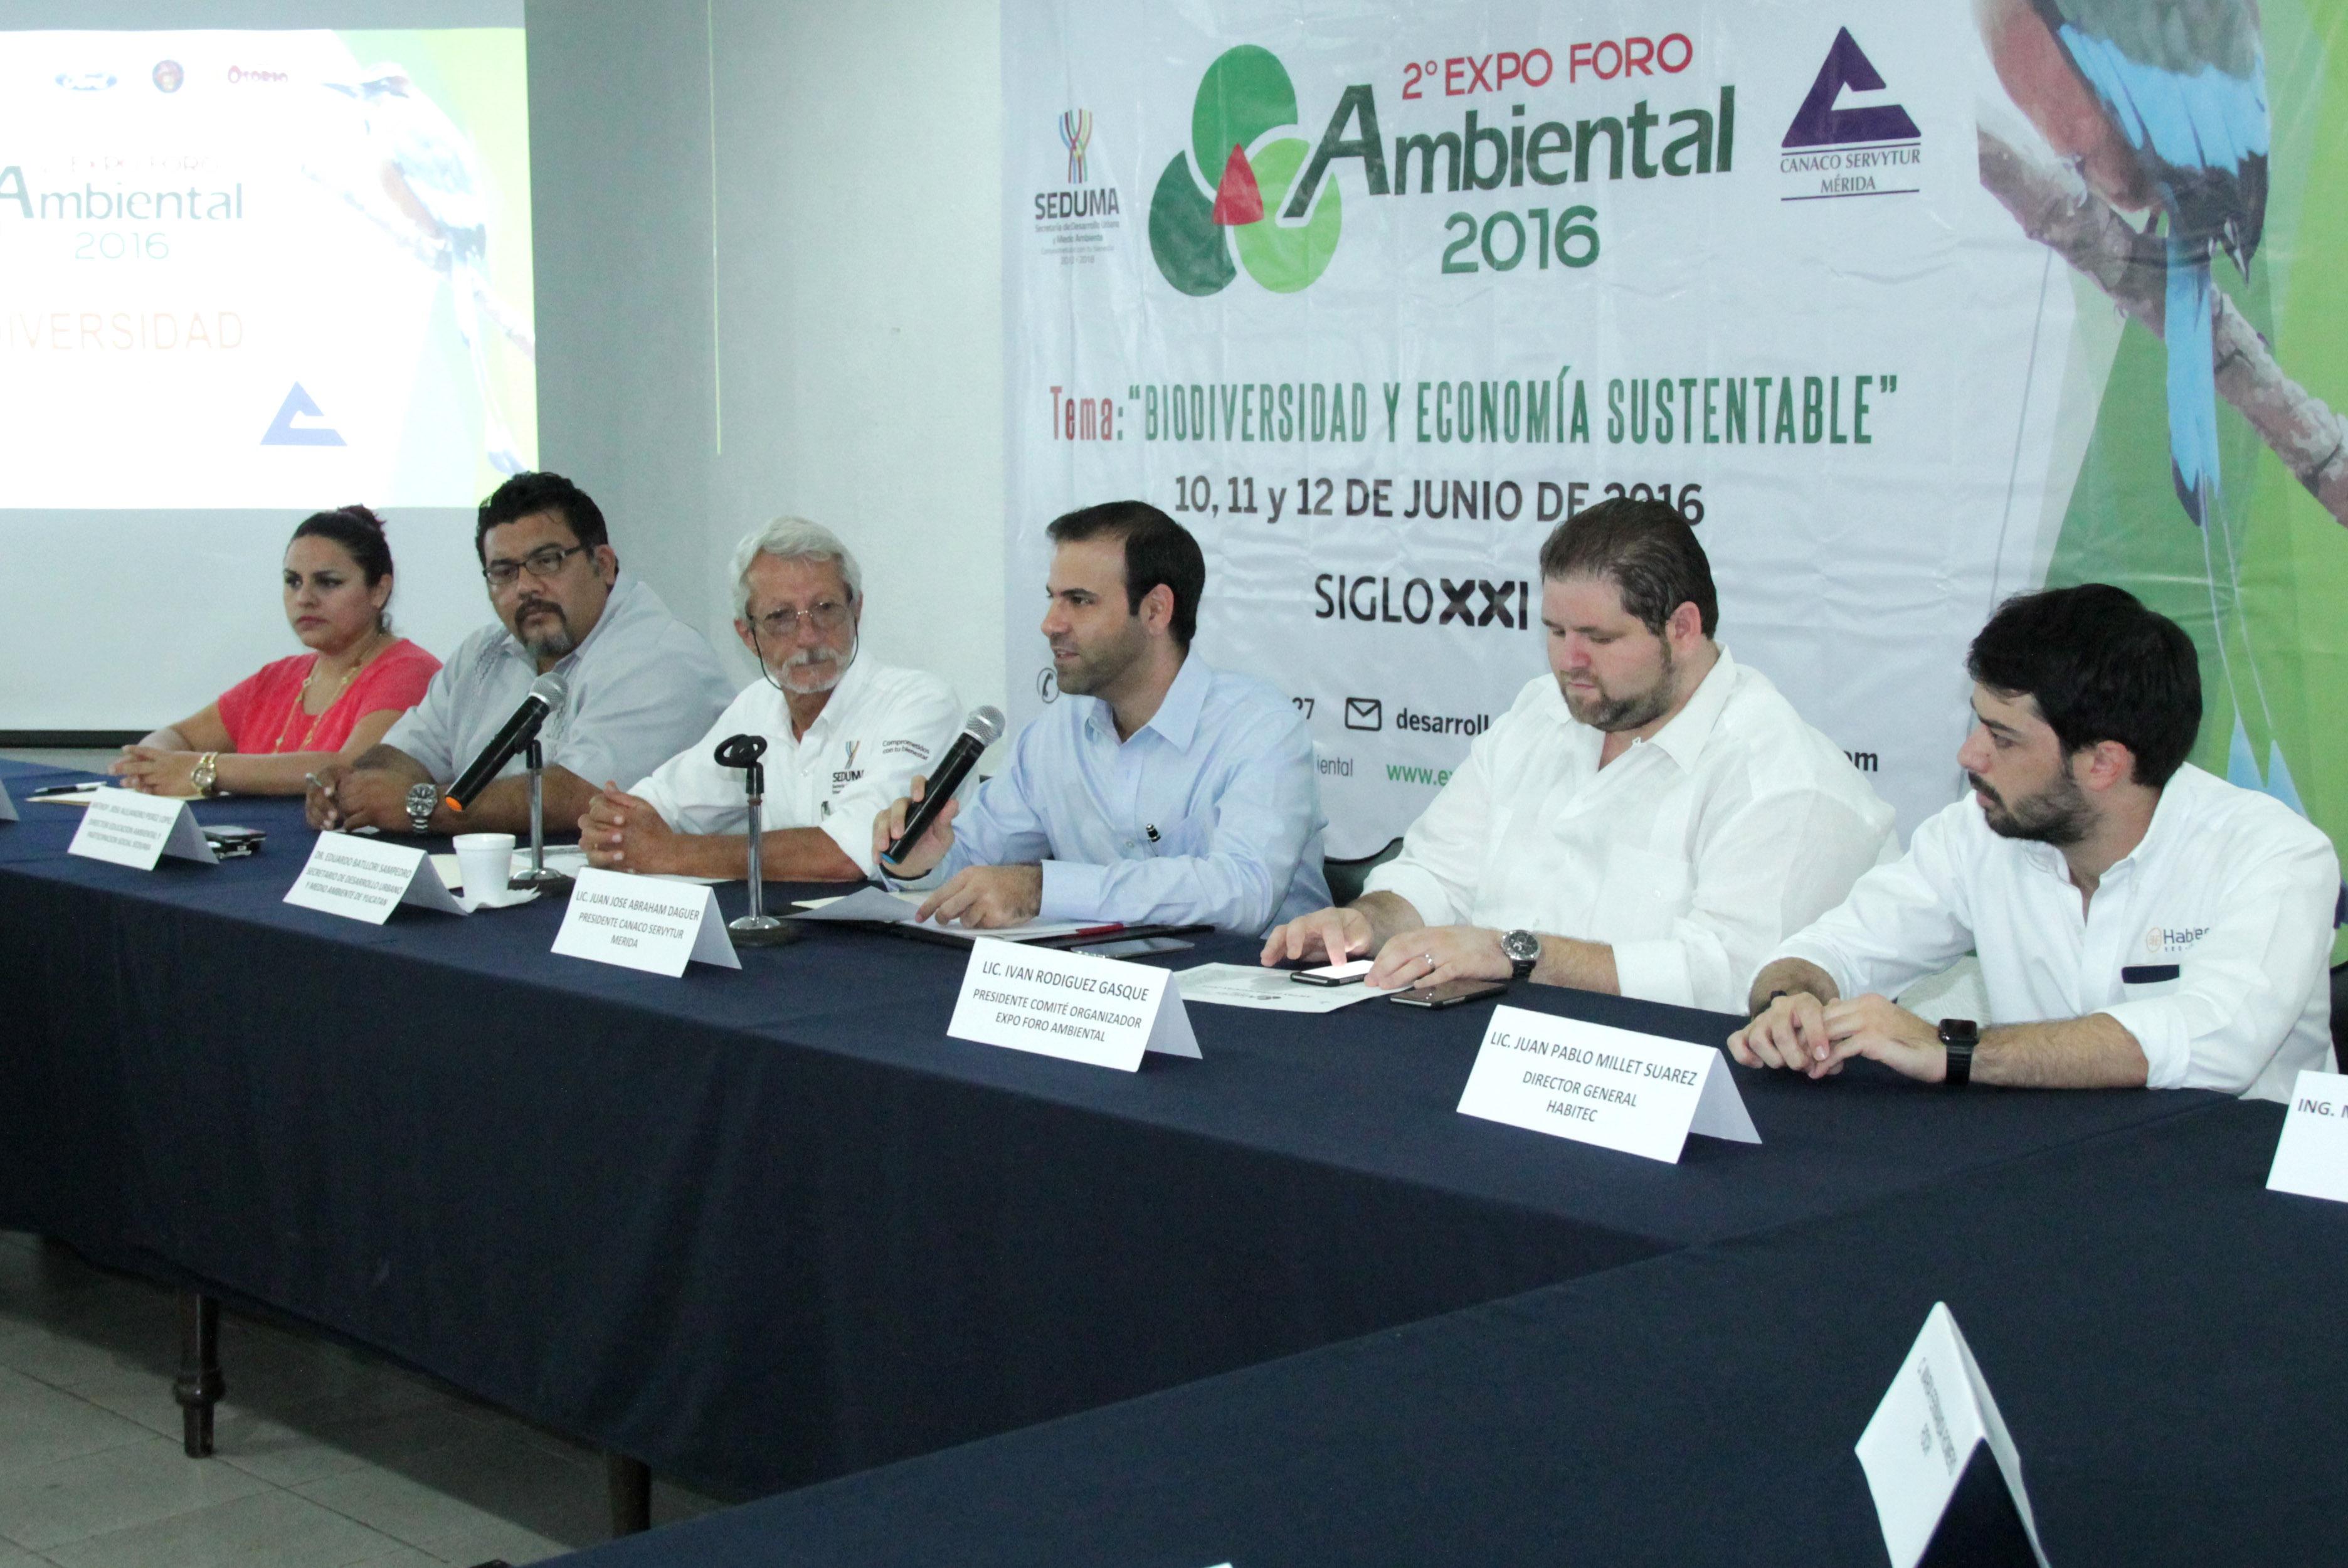 Expo Foro Ambiental 2016, con innovaciones